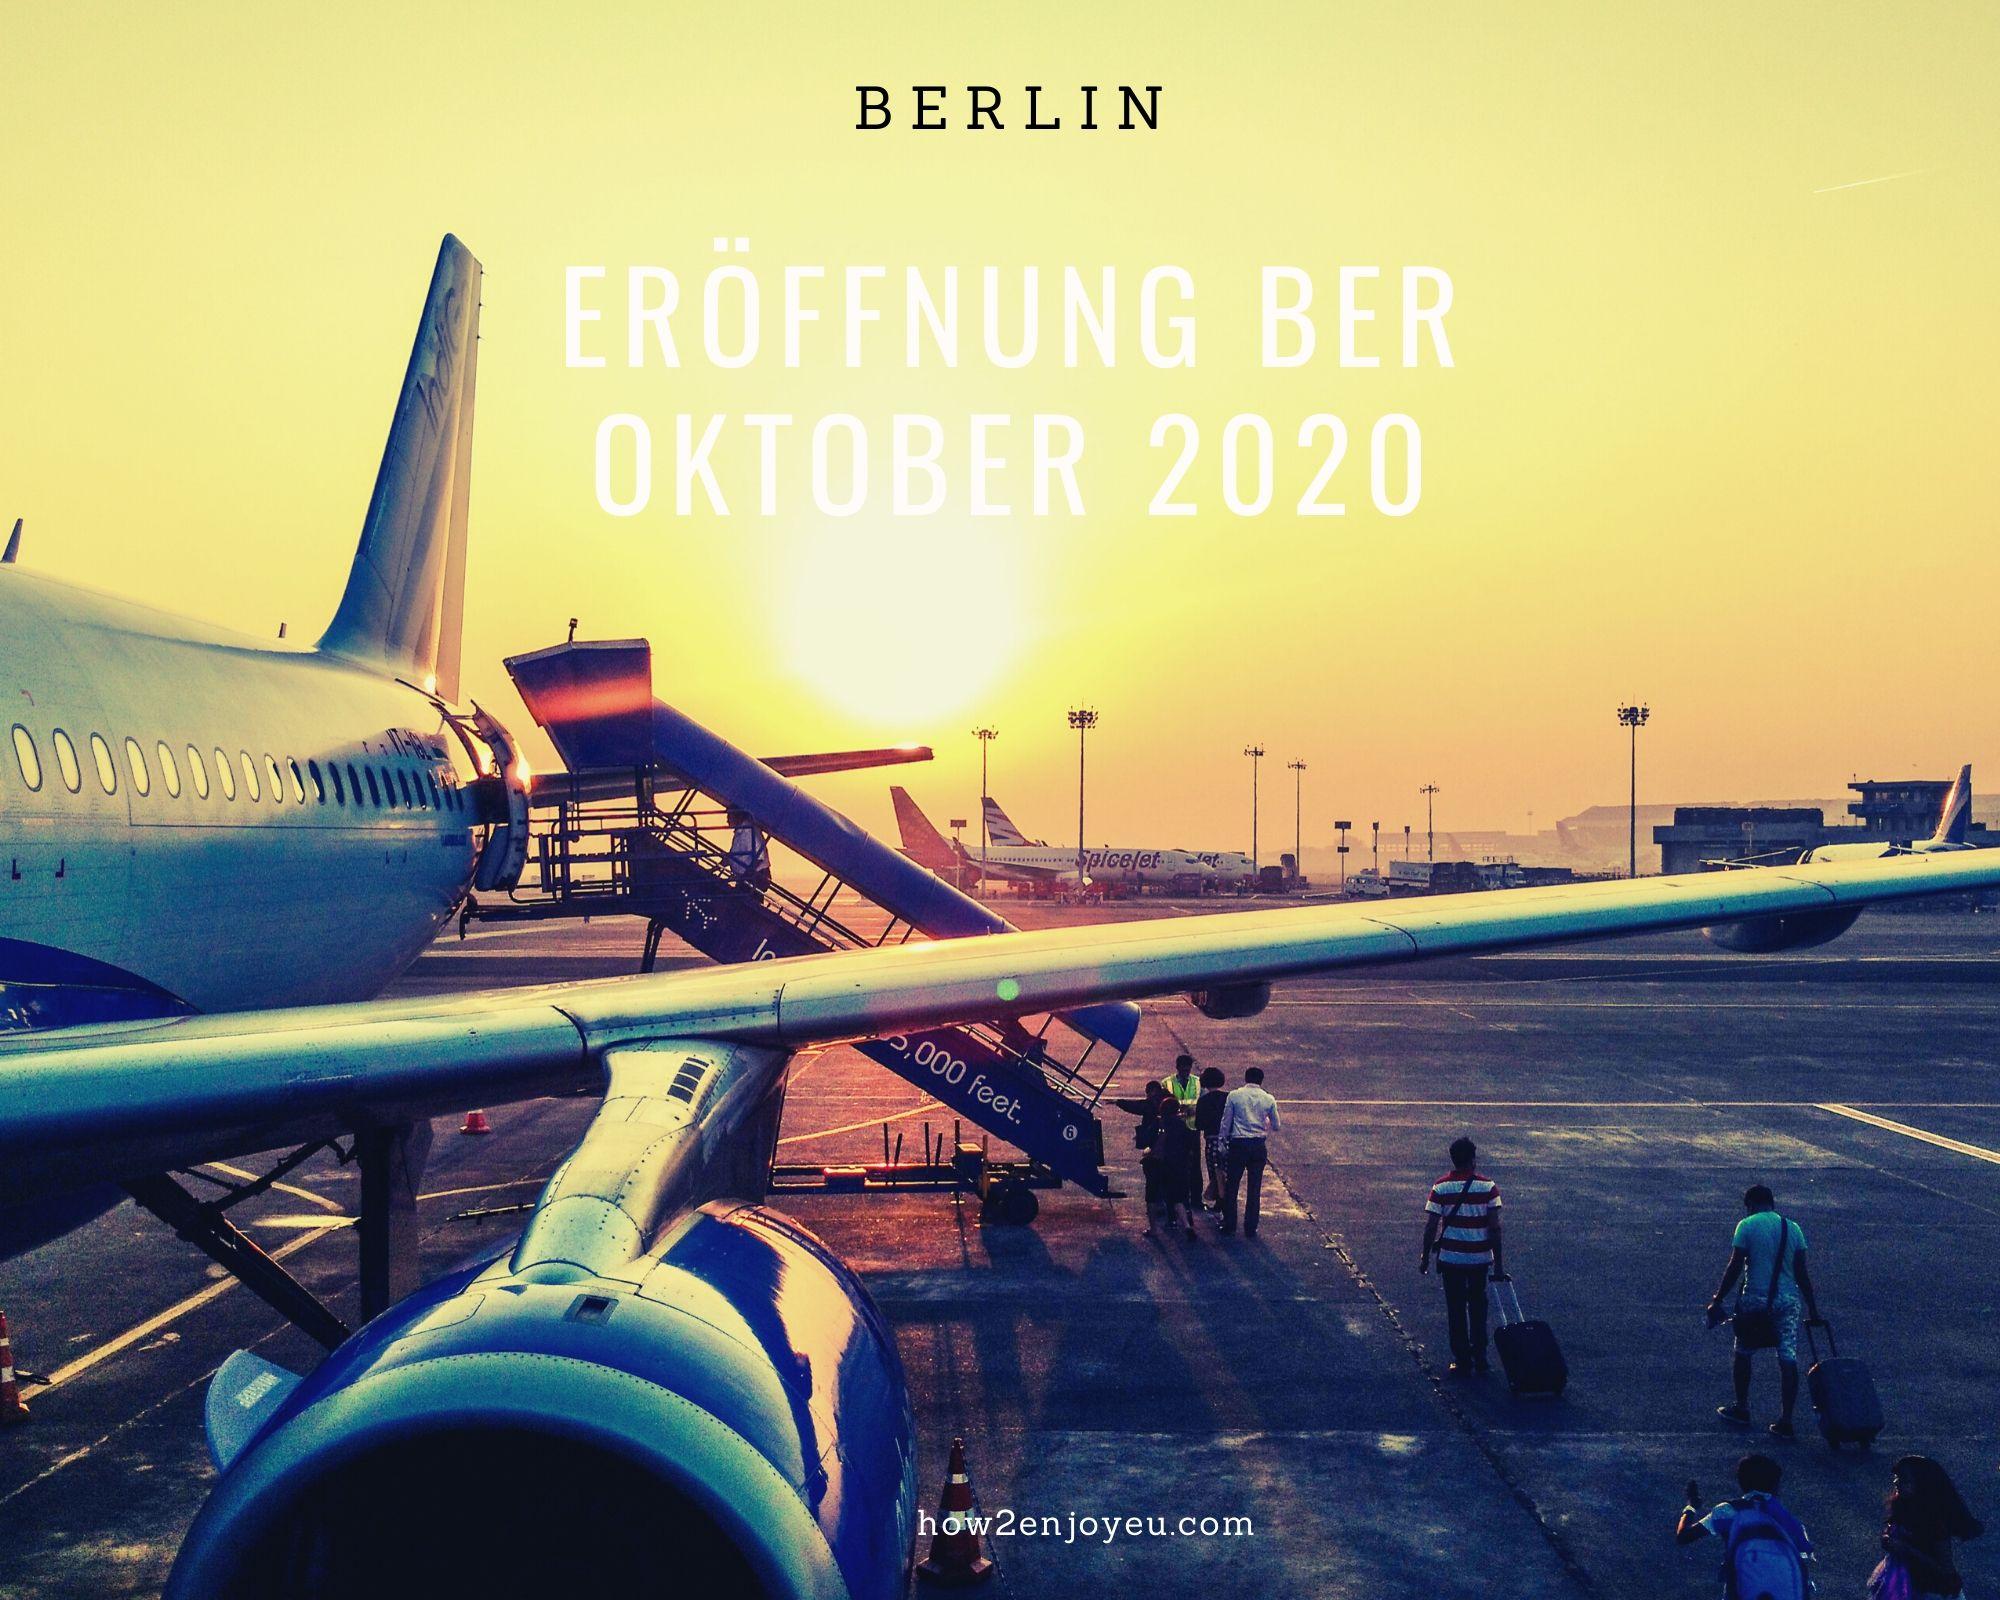 2011年の開港予定から9年、ベルリン・ブランデンブルク国際空港が今年10月ついに開港するっぽい・・・